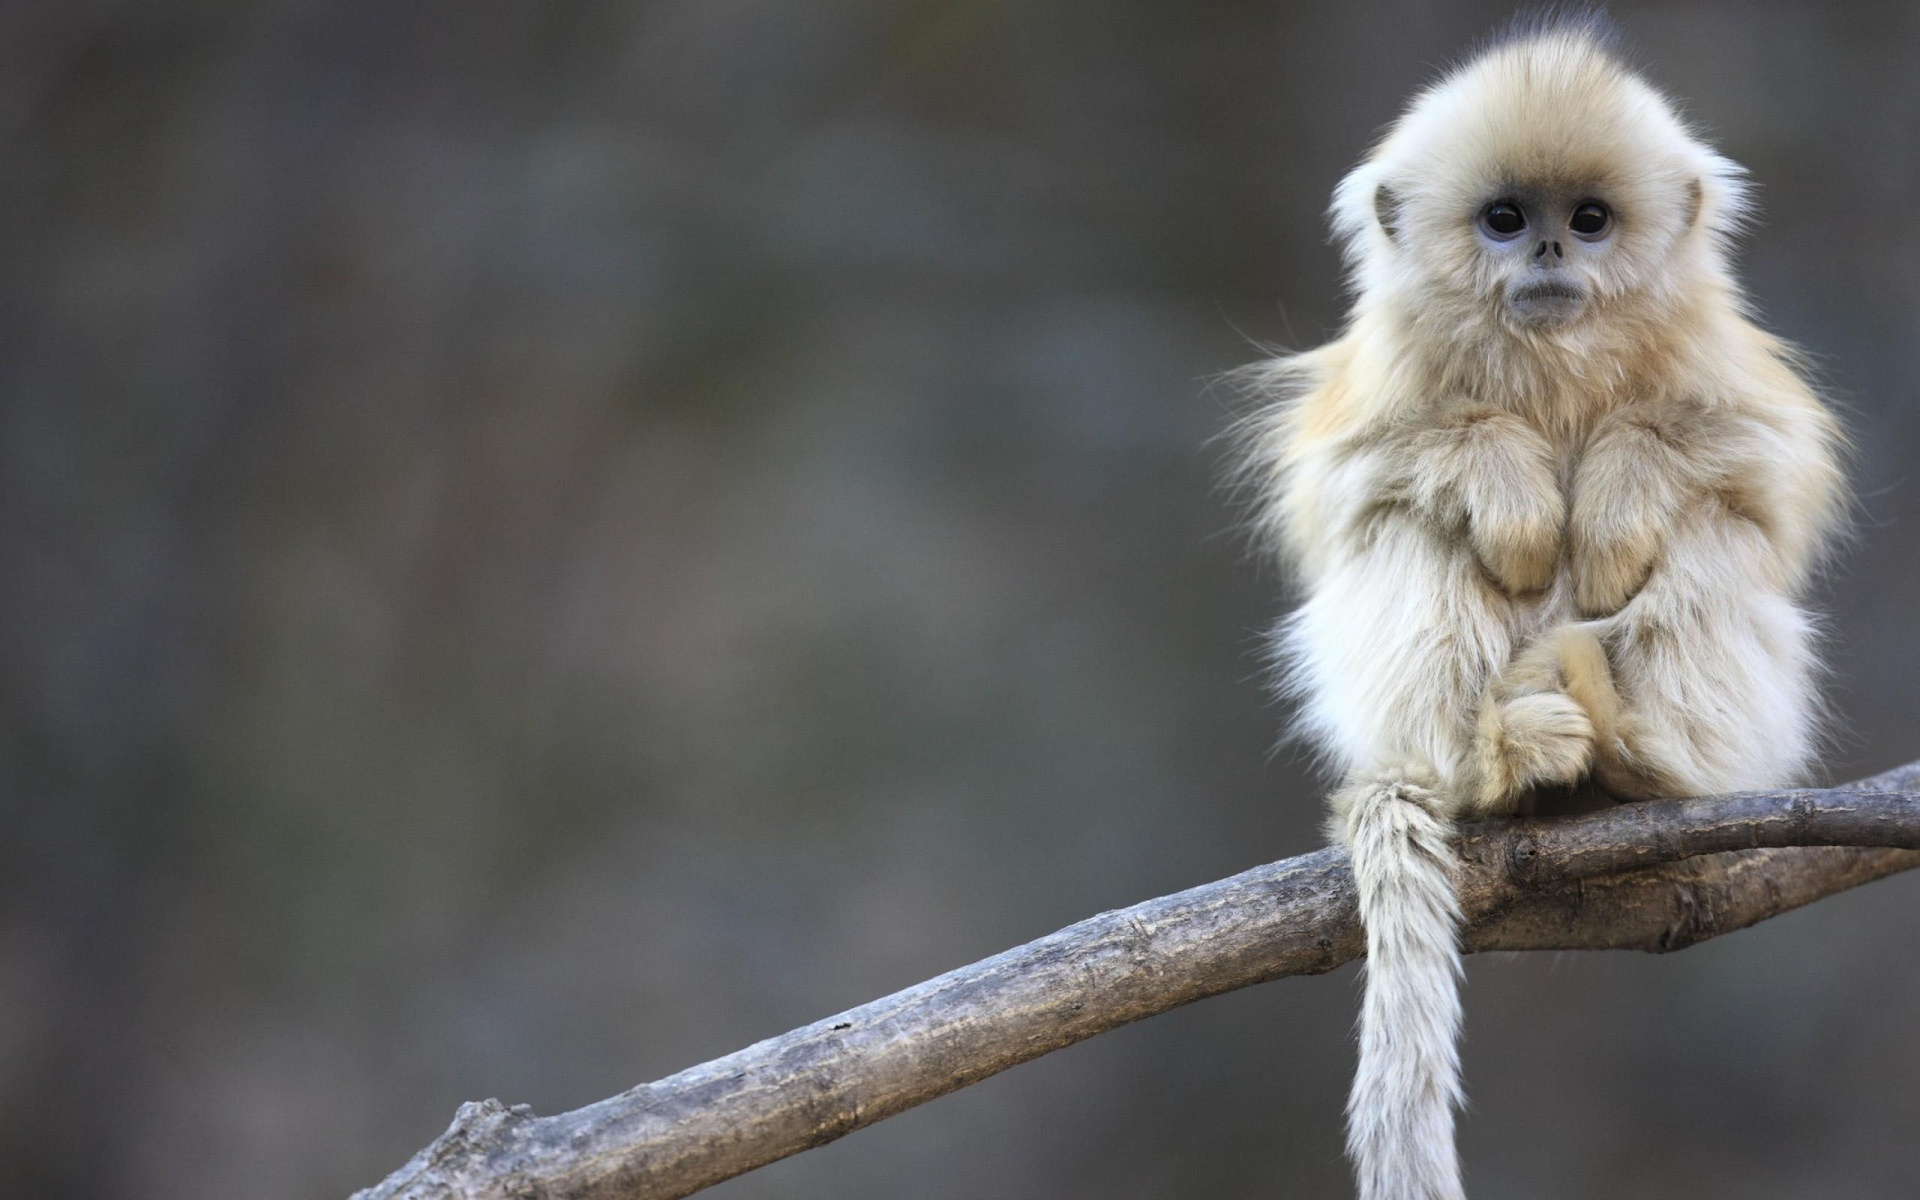 tải ảnh con khỉ đẹp nhất